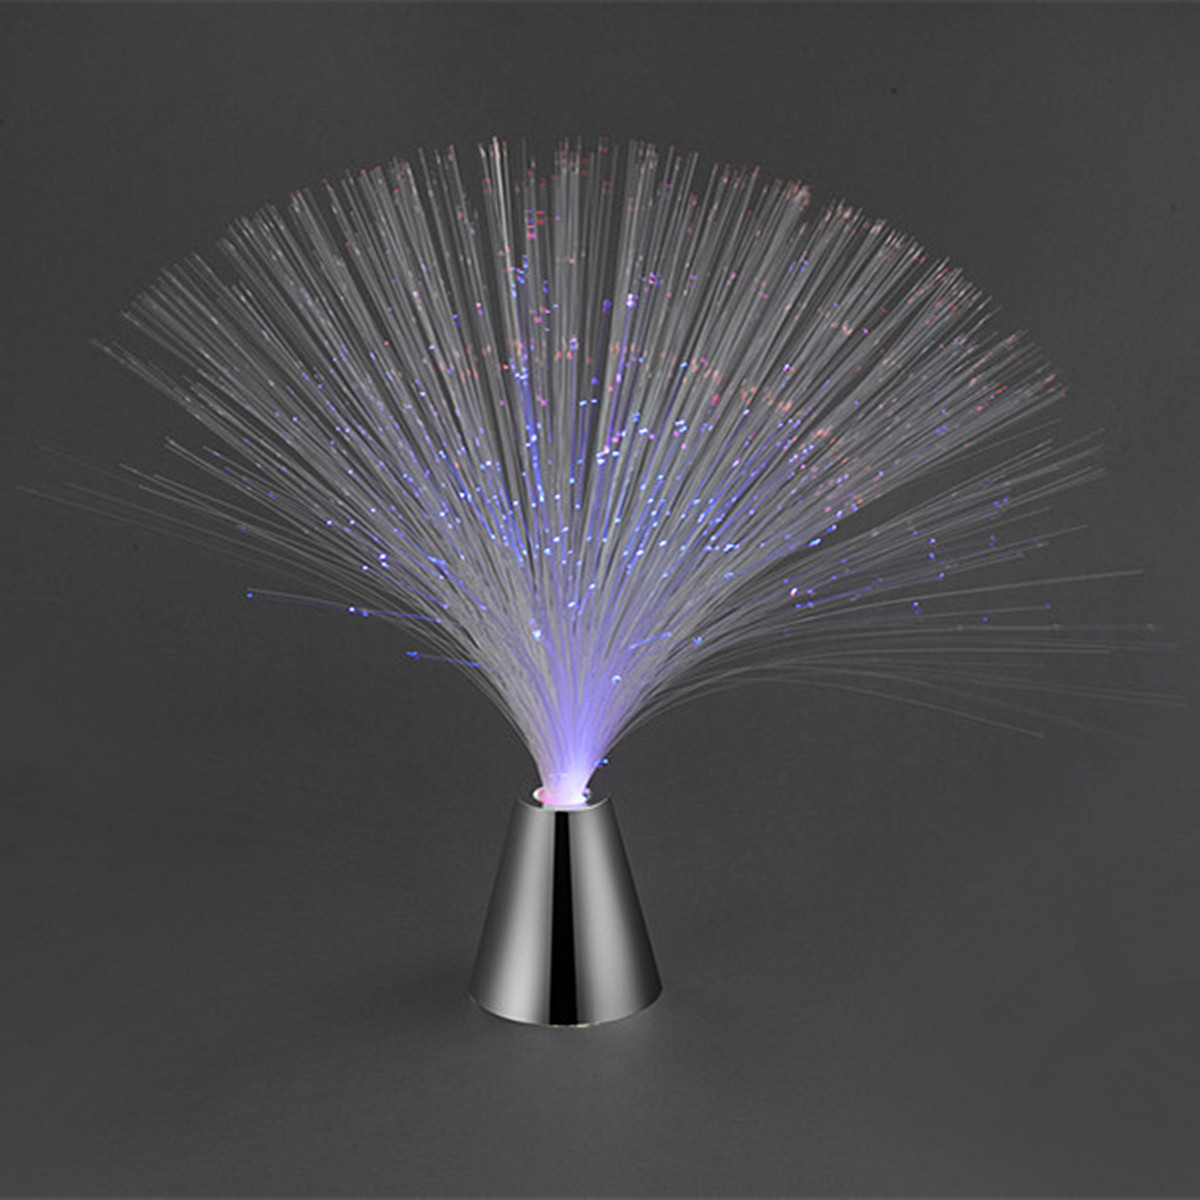 CLAITE Цвет Изменение светодио дный LED оптическое волокно огни лампы для гостиная ночник украшения для детей праздник свадебный подарок звездное небо оптоволокно звезды на потолок